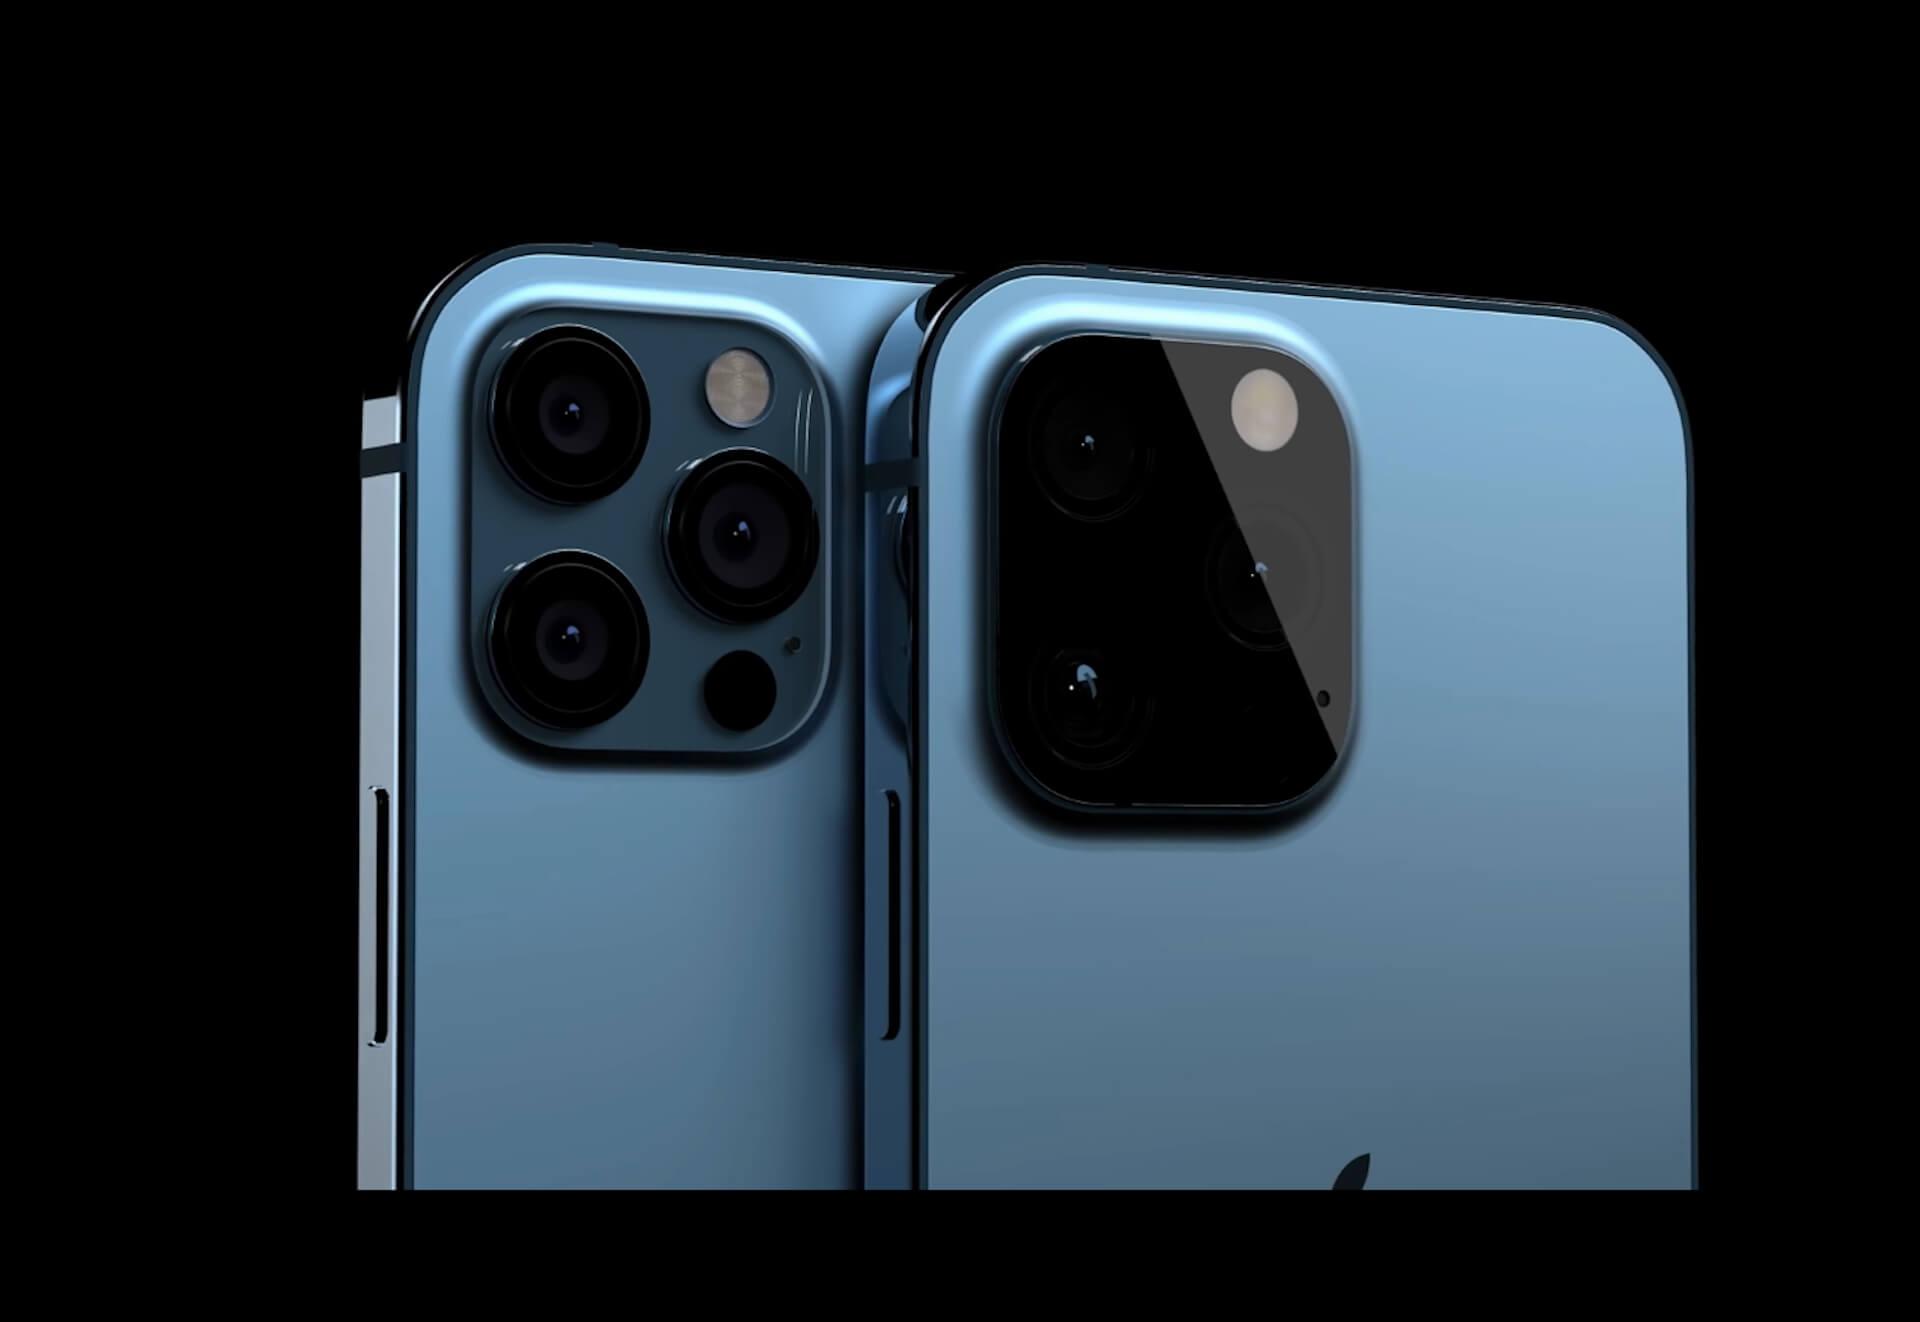 iPhone 13の超広角レンズは7Pレンズに?大幅アップデートを著名アナリストが示唆 tech210205_iphone13_camera_main